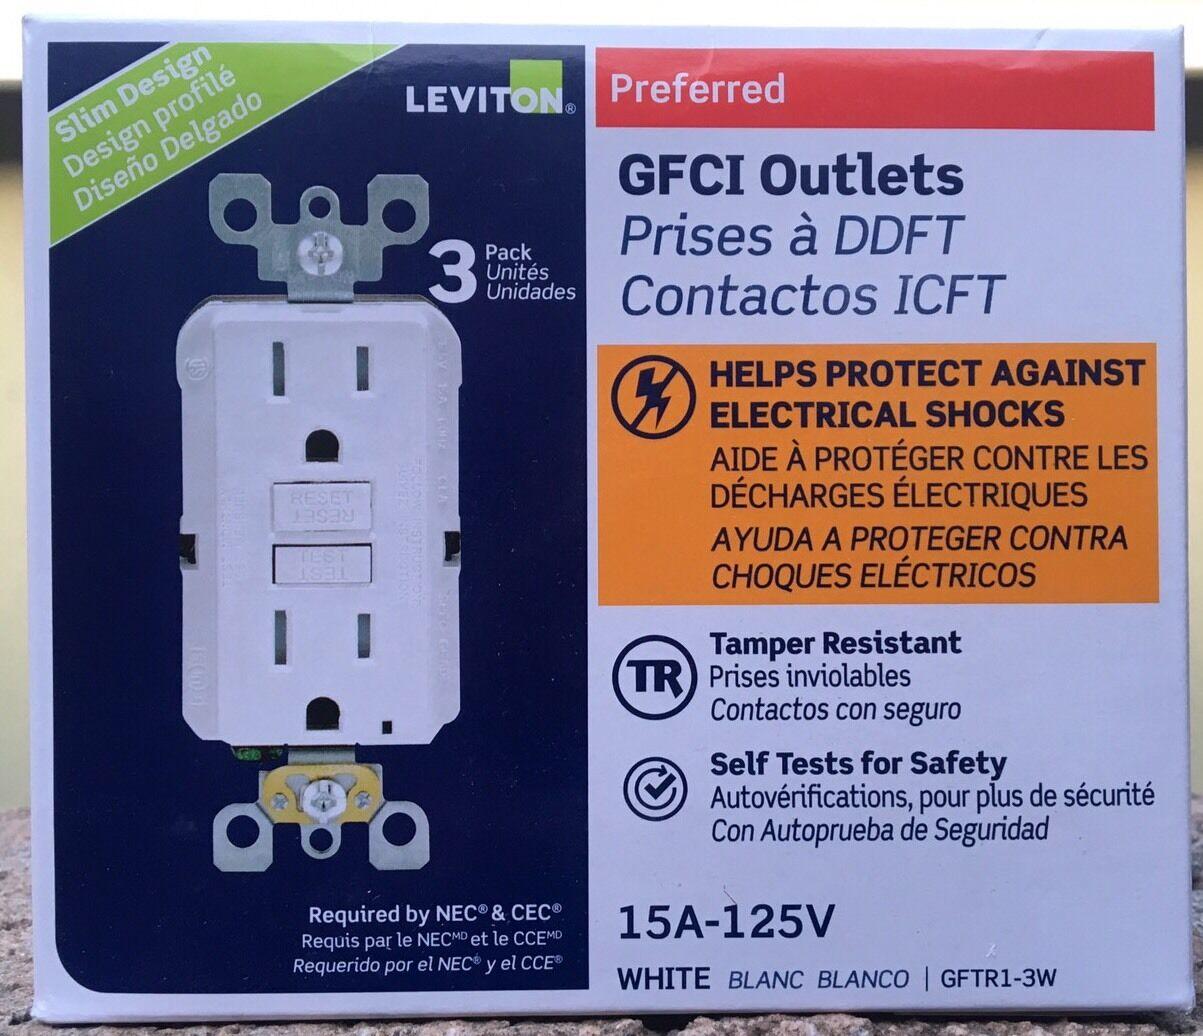 Leviton Preferred 15a 125v GFCI Outlets LightAlmond   eBay